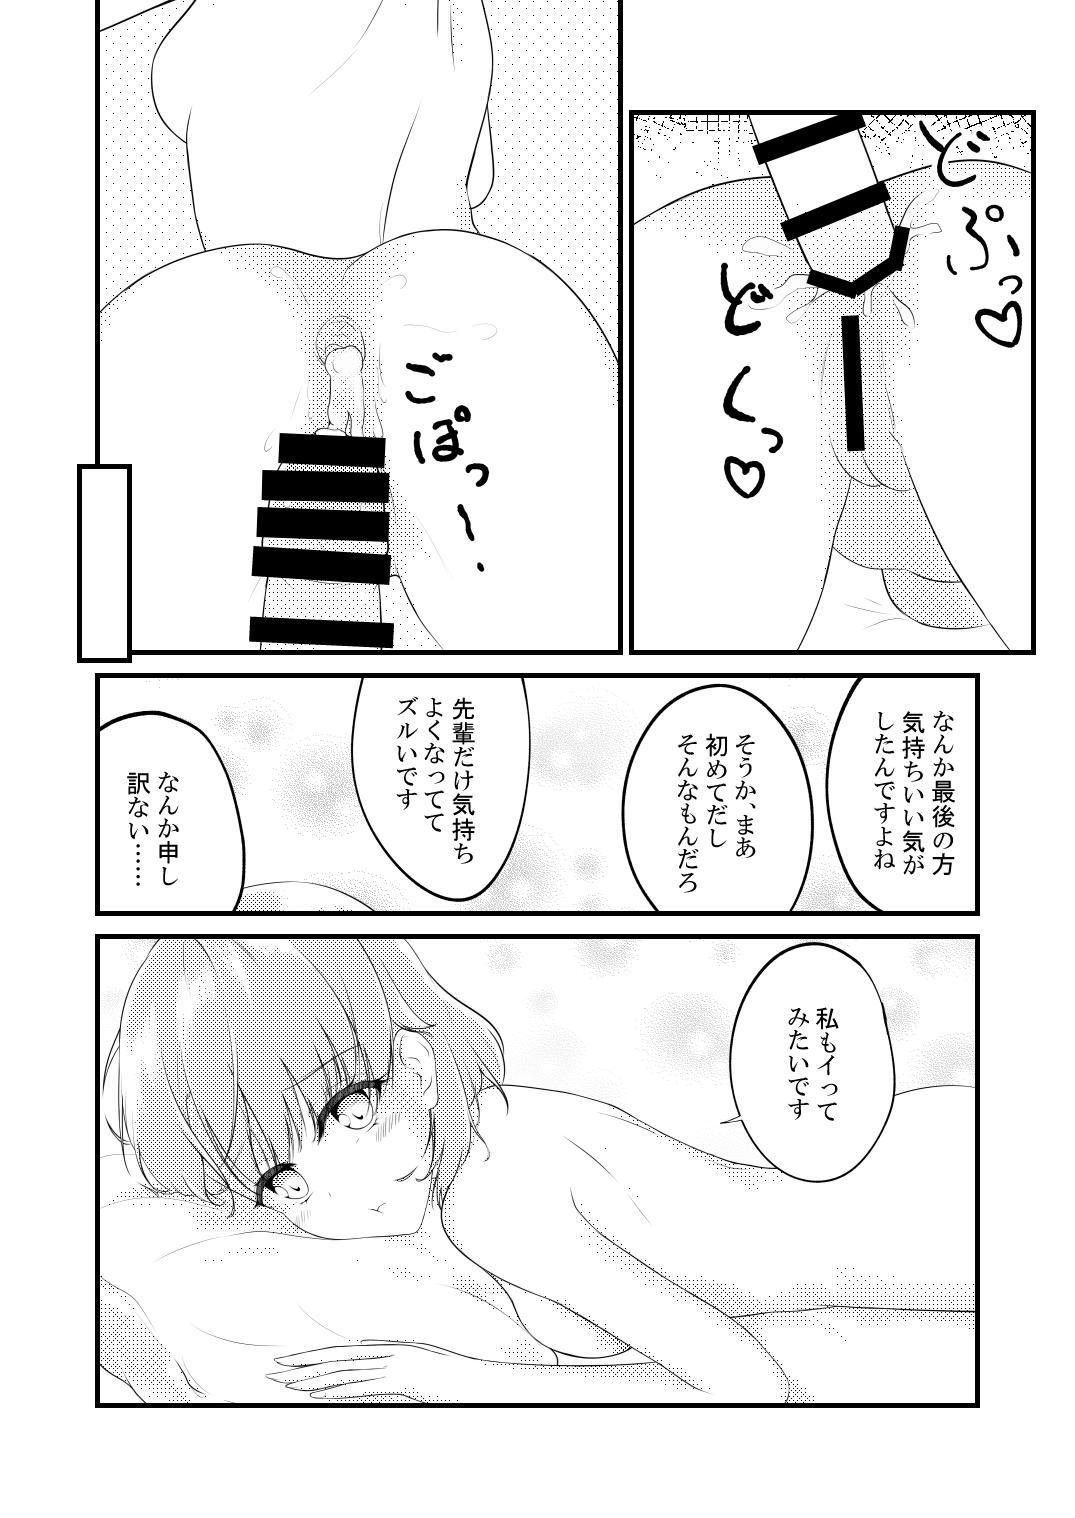 Irohasu ga Deredere de Kanchigai Shisou 29